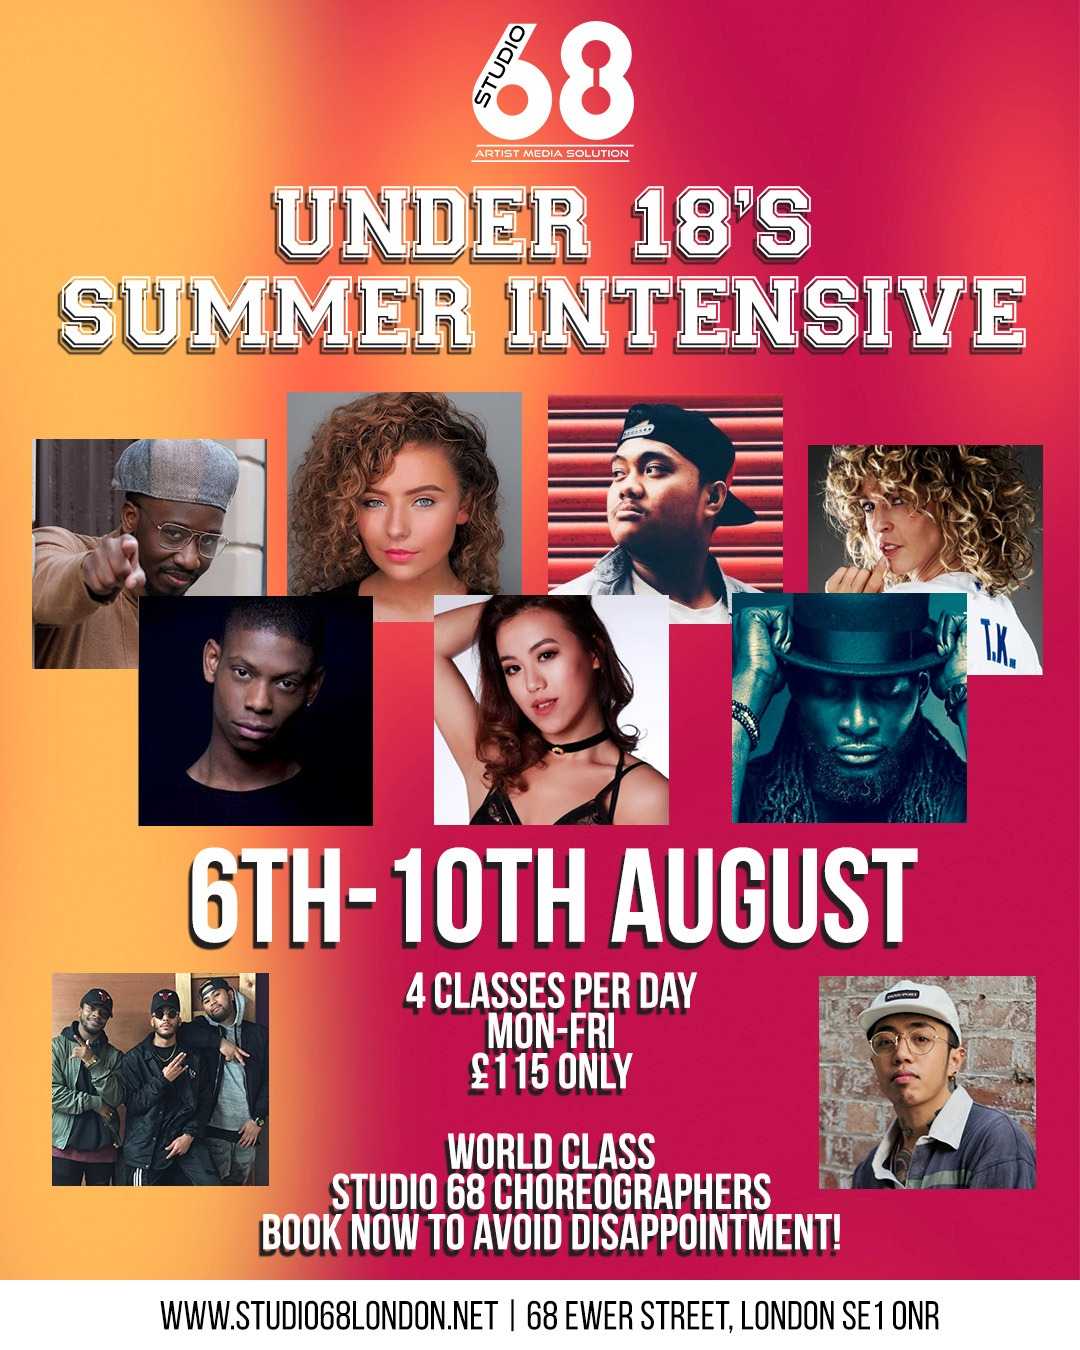 Under 18 Summer Intensive